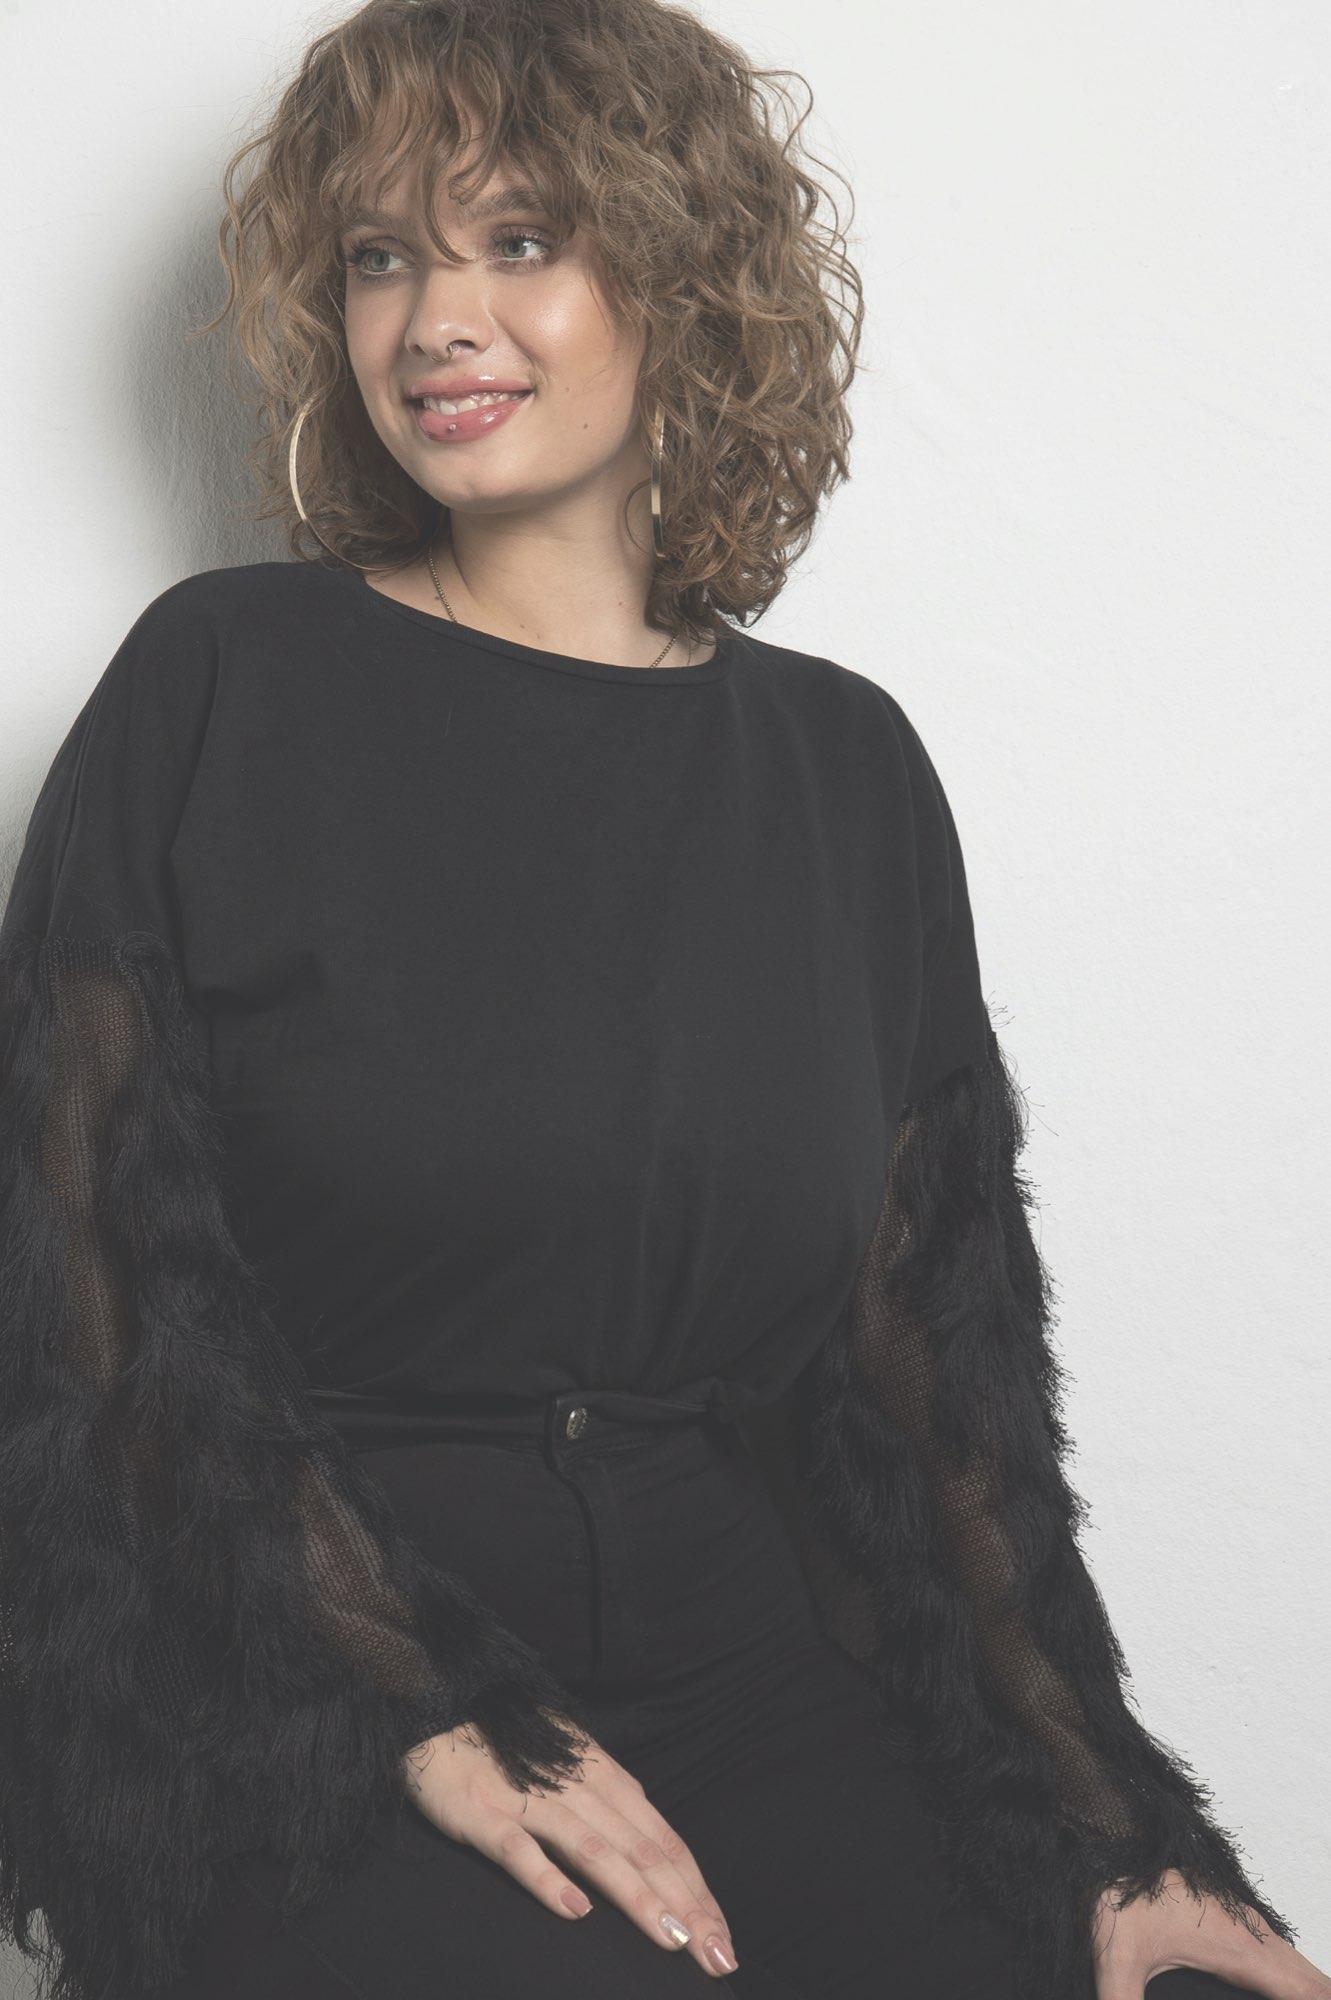 Bild zum Make up & Fashion Blog - willkommen-claire--ID14527-1.jpeg?v=1578391144